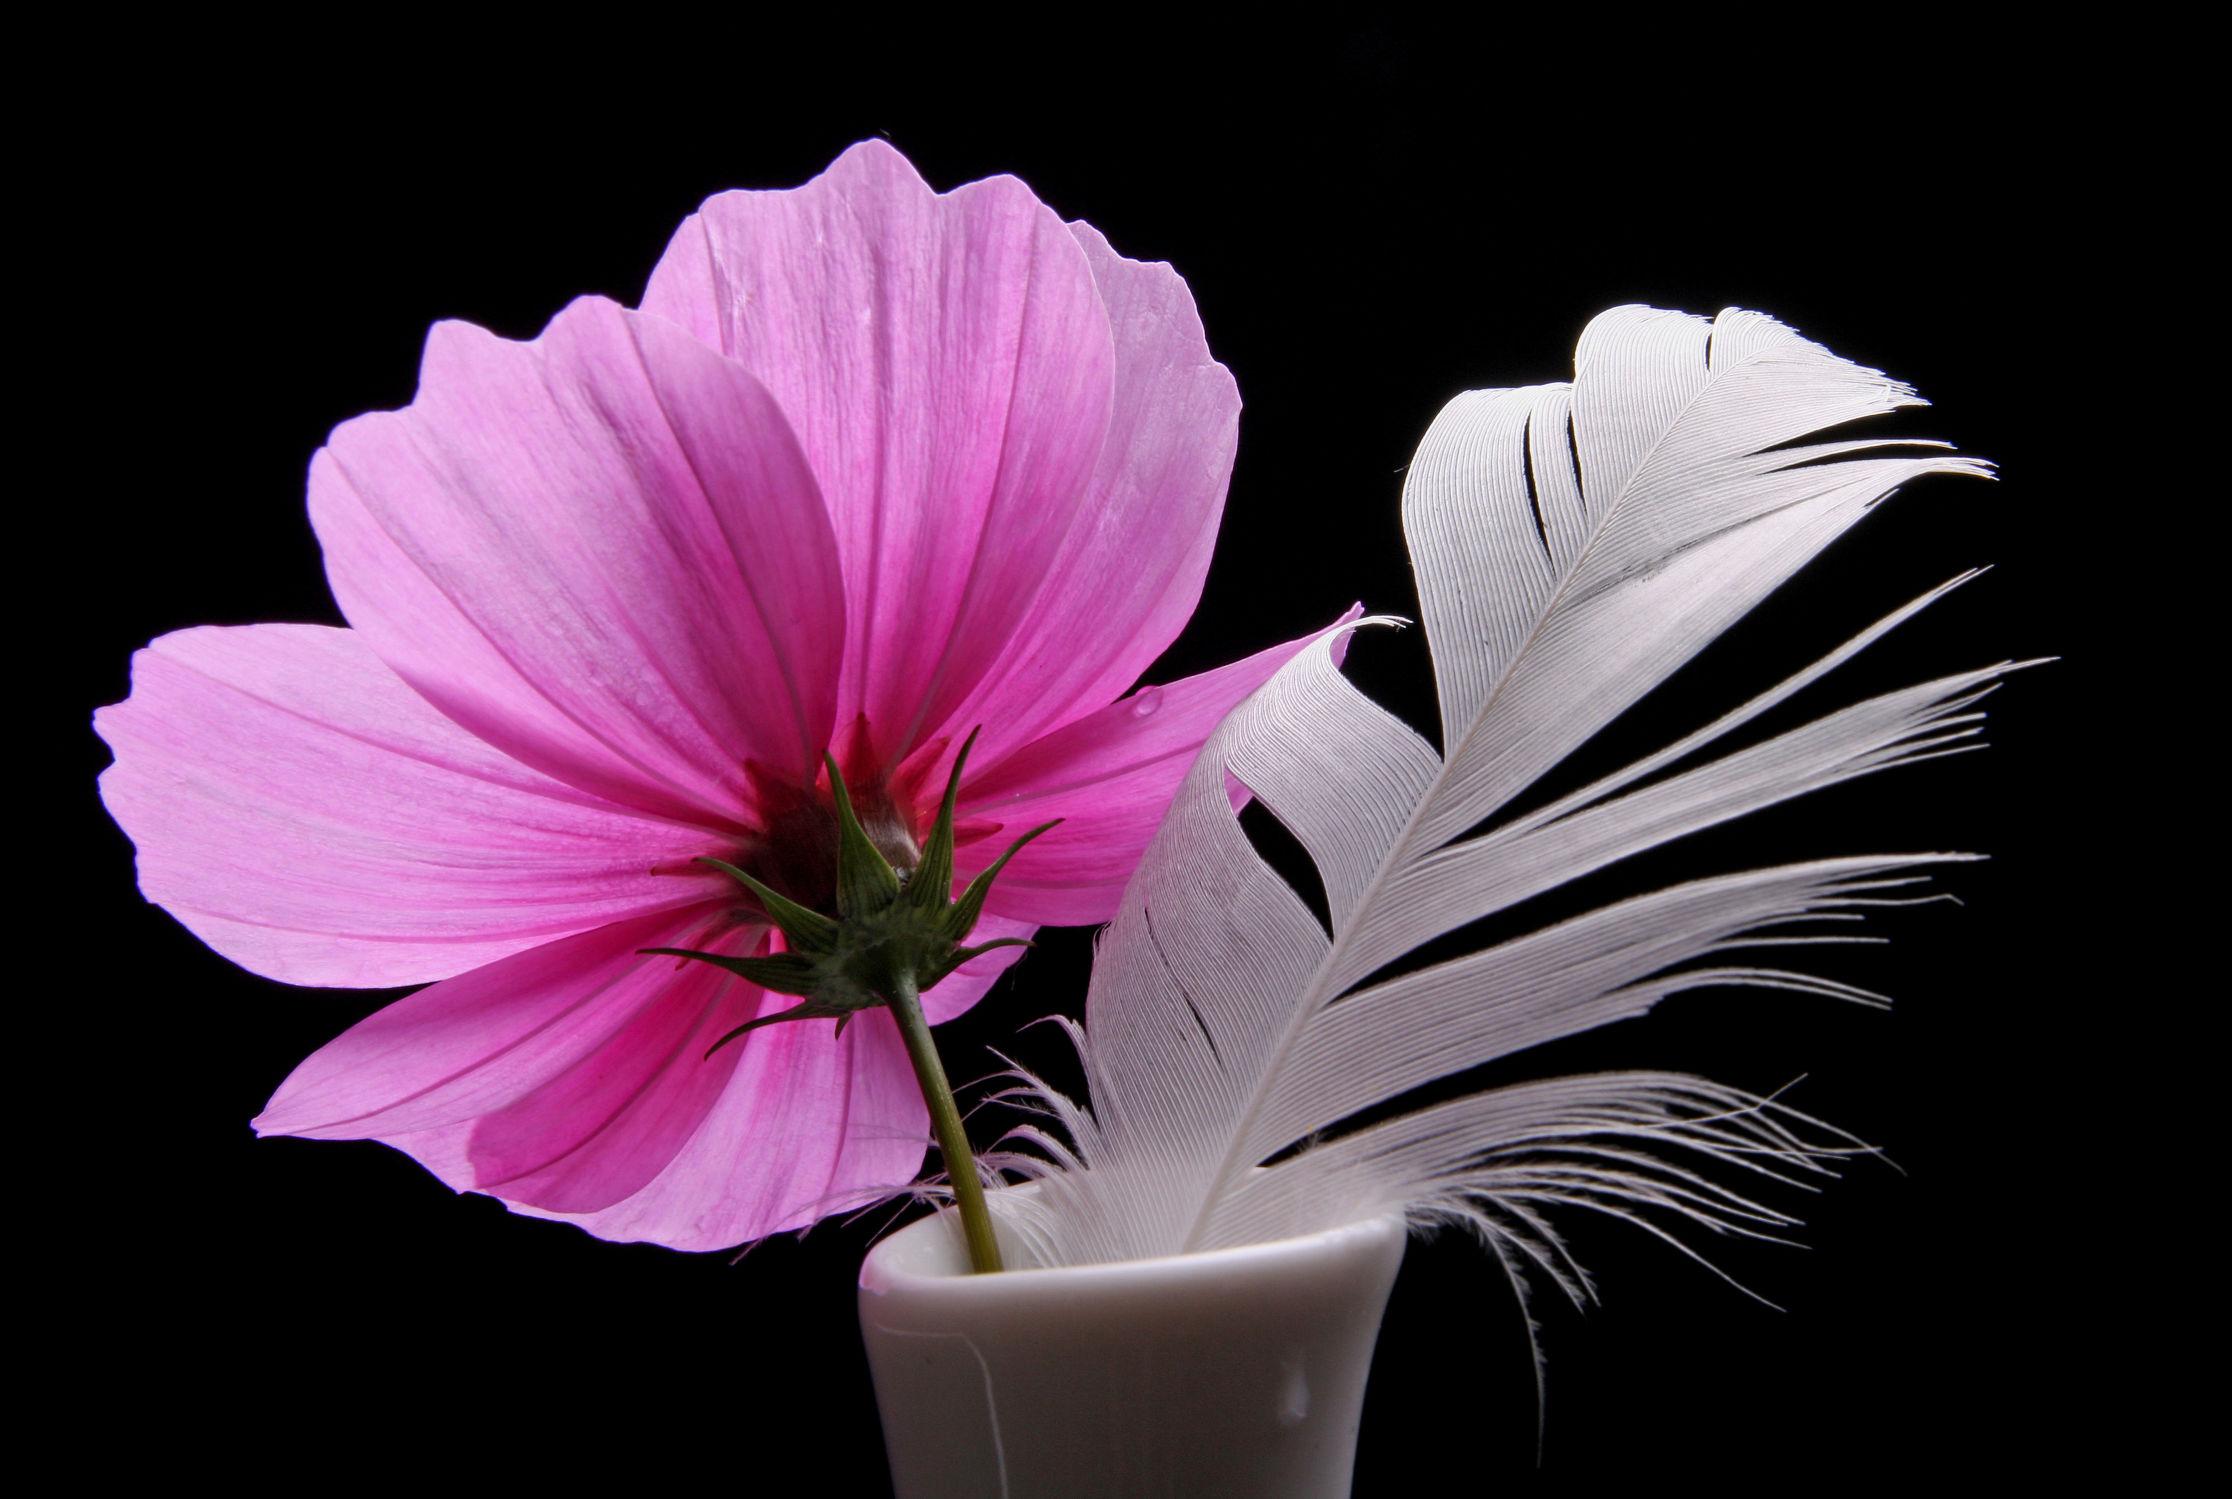 Bild mit Pflanzen, Blumen, Blume, Pflanze, Floral, Flora, cosmea, Blüten, Florales, blüte, Feder